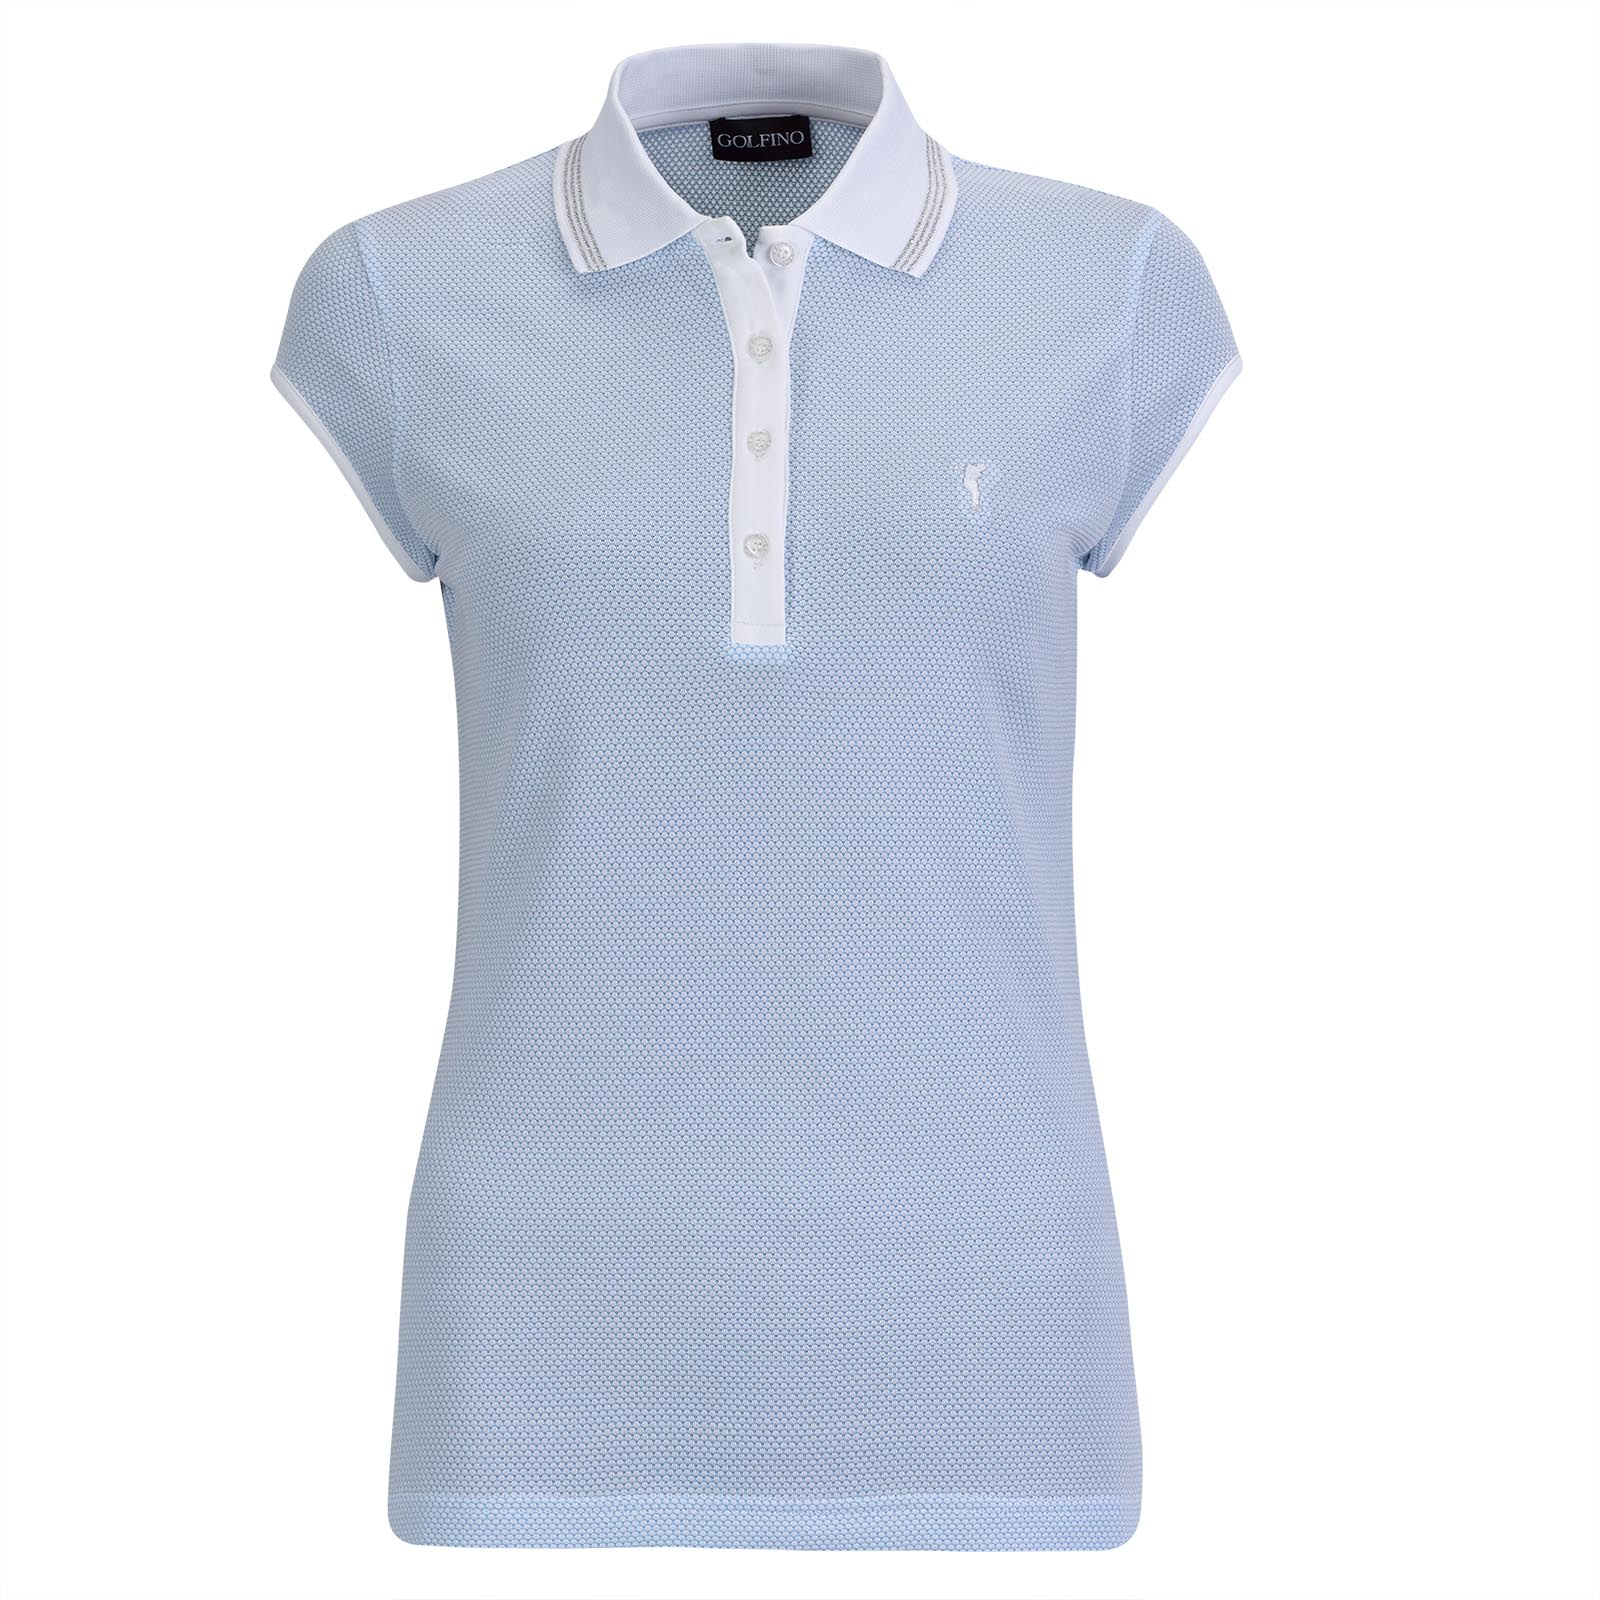 Polo de golf para mujer con mangas extracortas de tejido bubble jacquard de alta calidad